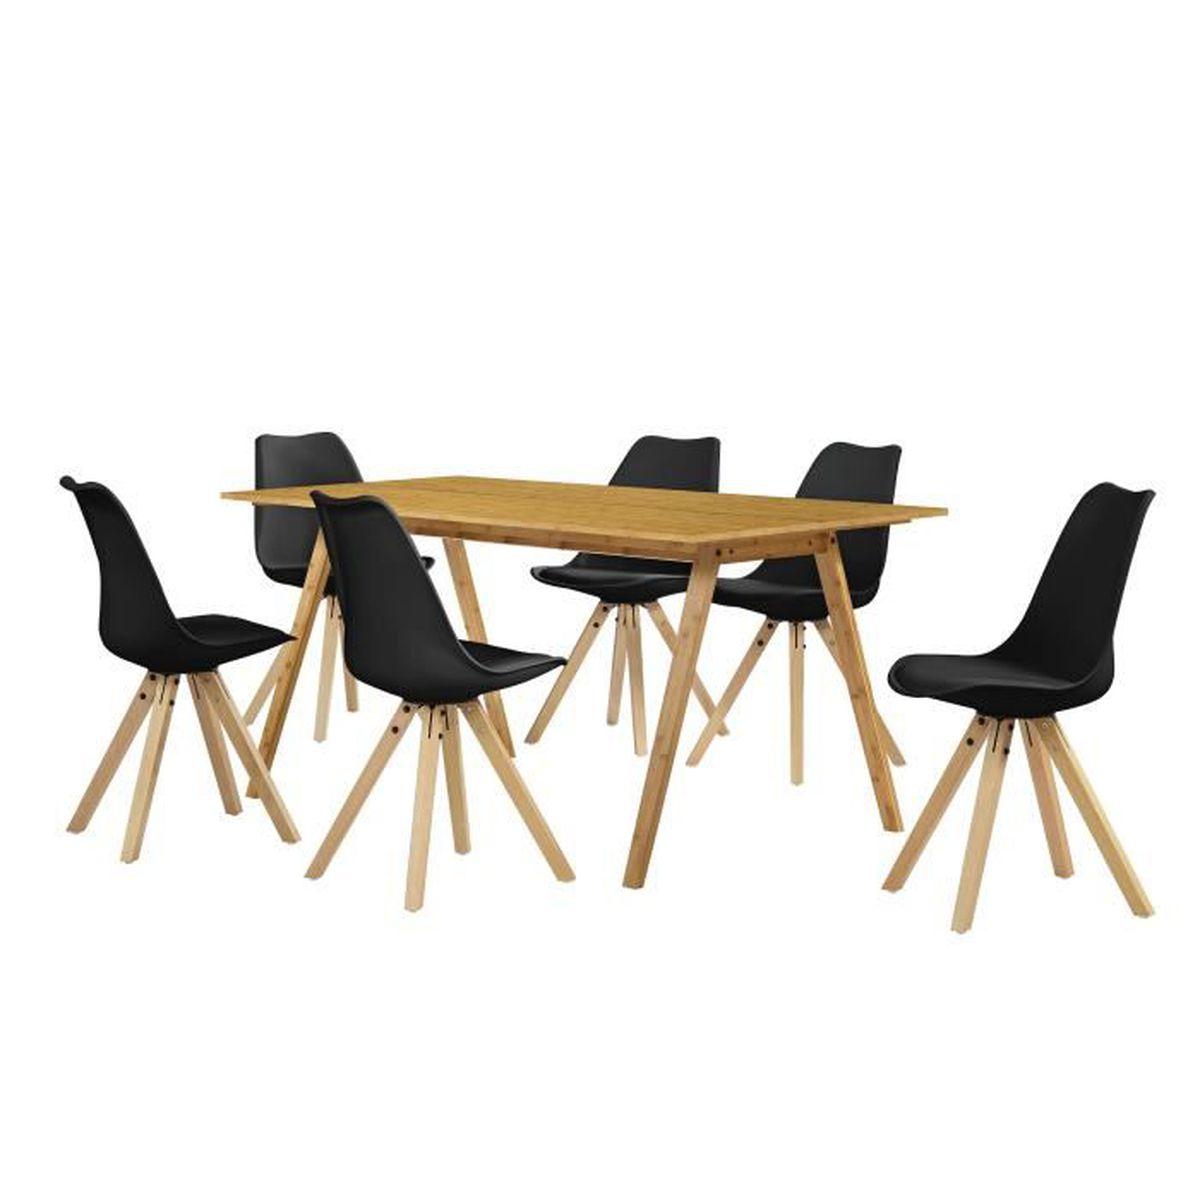 Table manger avec 6 chaises noir 180x80 for Table avec 6 chaises